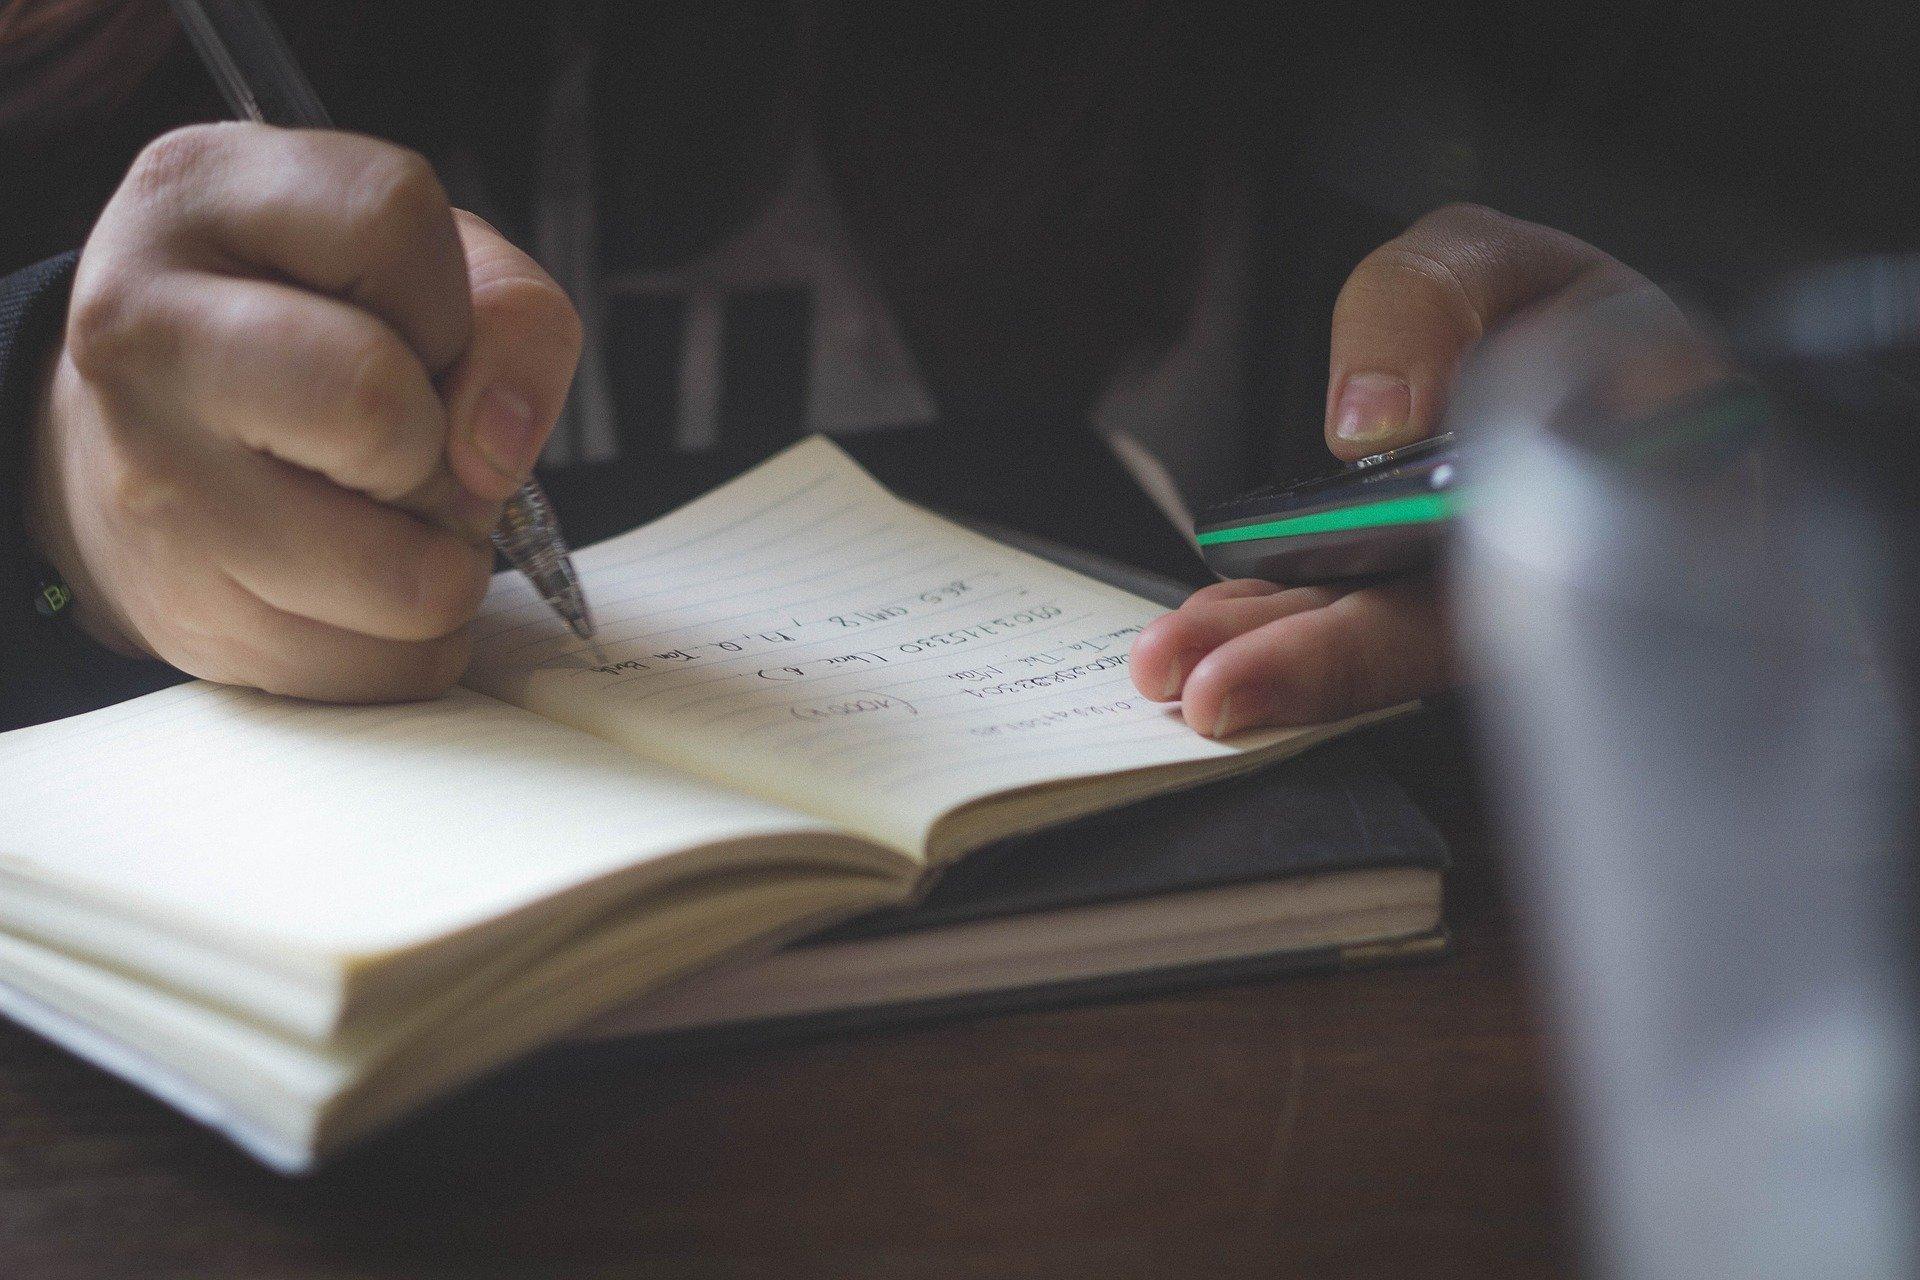 Aspectos básicos que no pueden pasar desapercibidos si quieres aprender idiomas